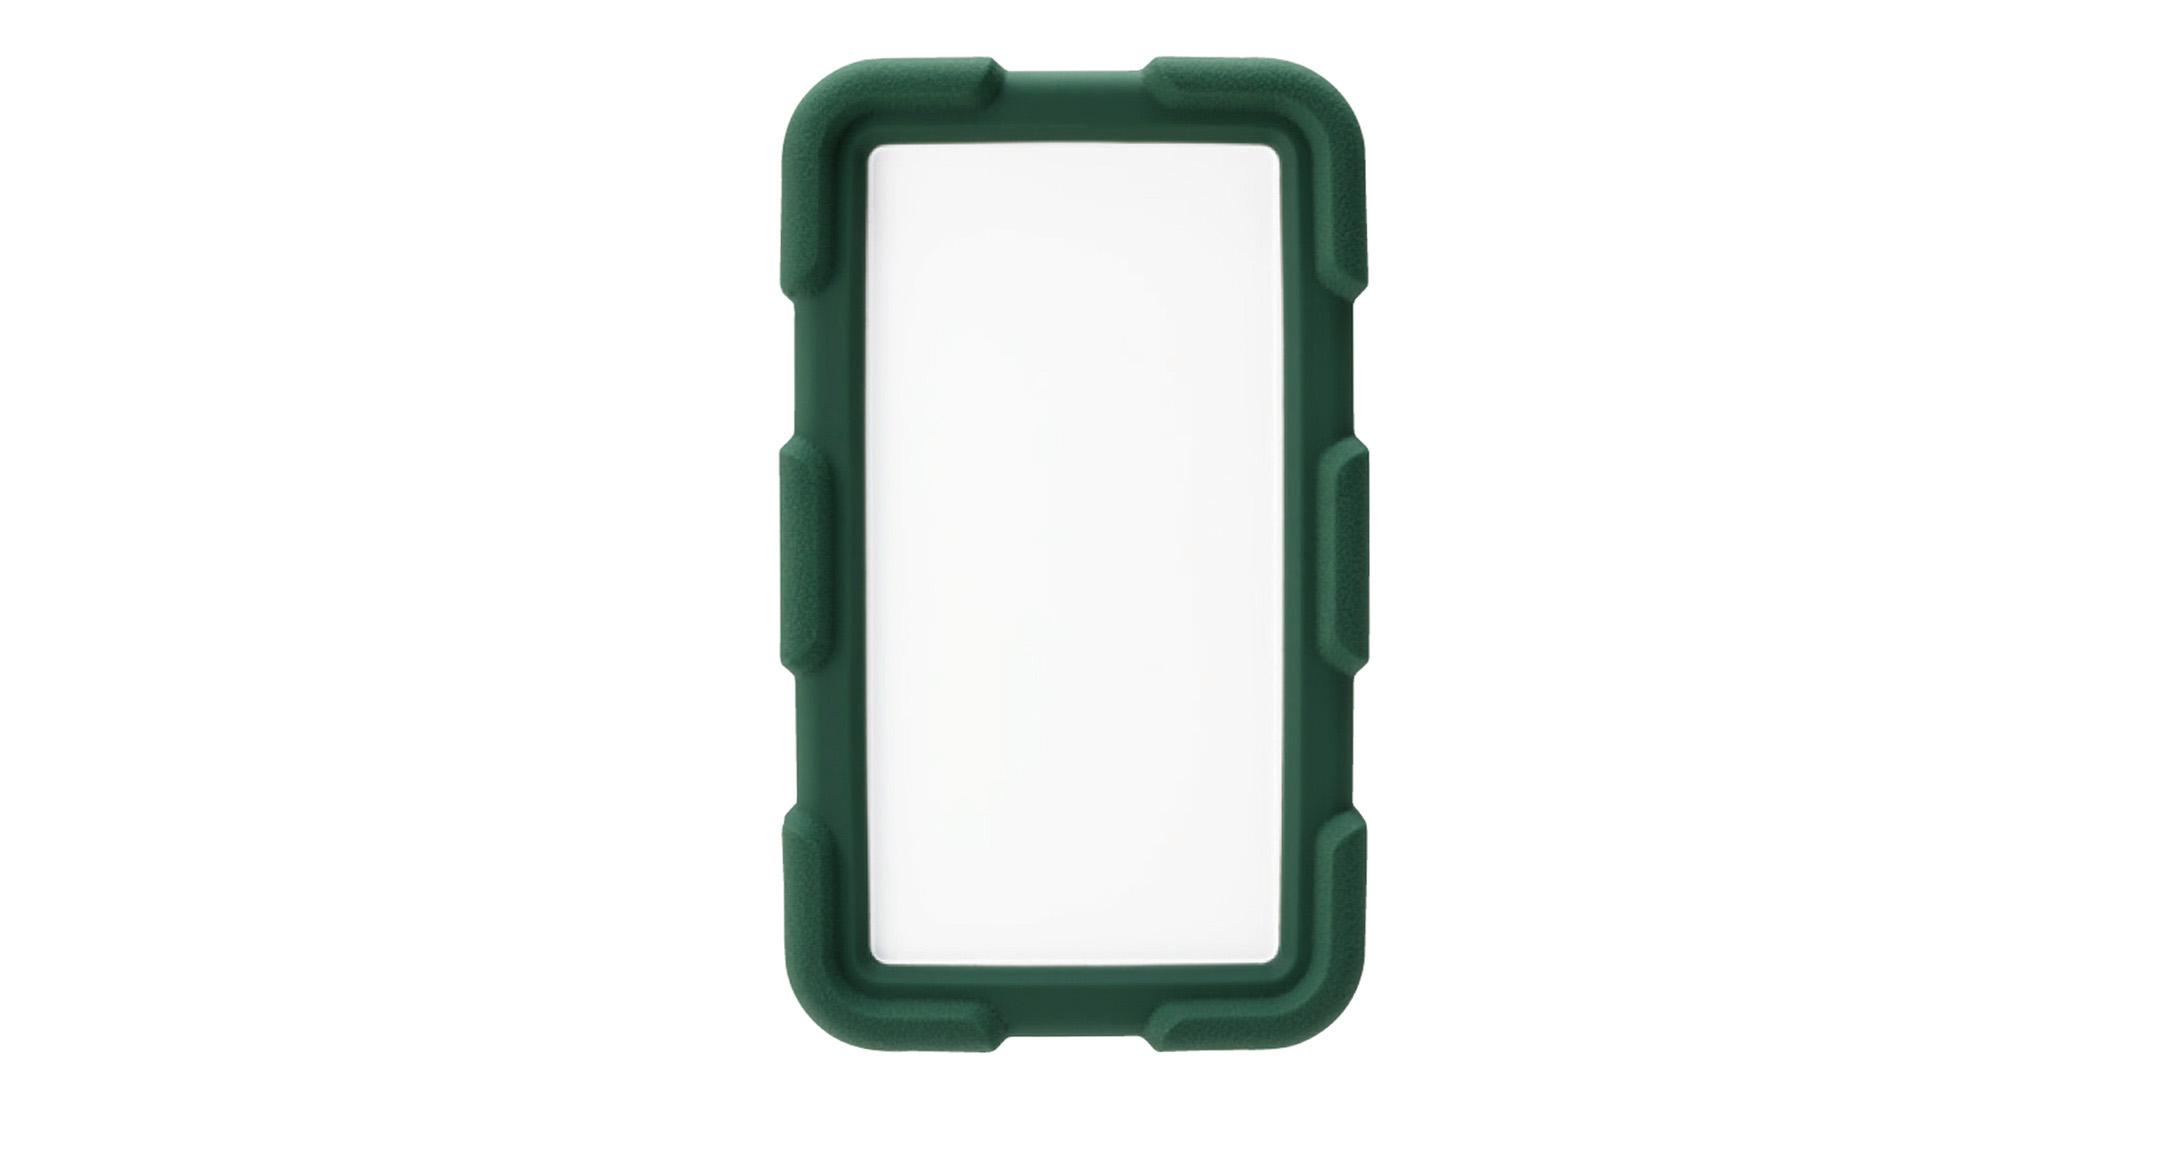 耐衝撃シリコンカバー付プラスチックケース LCTシリーズ:オフホワイト/グリーンの画像